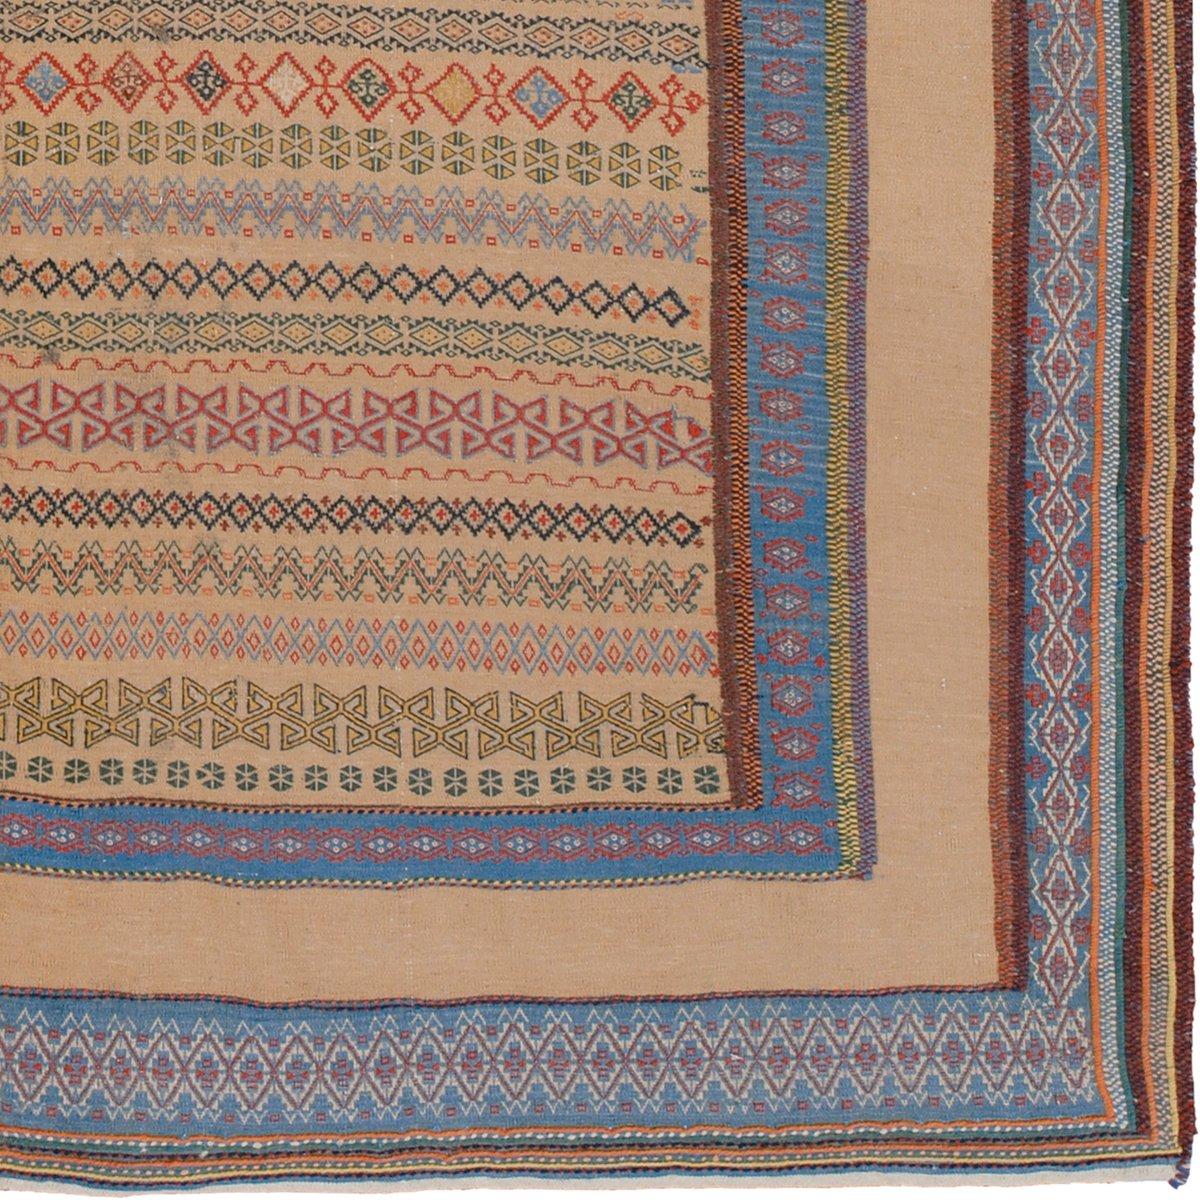 mehrfarbiger bestickter persischer kilim teppich bei pamono kaufen. Black Bedroom Furniture Sets. Home Design Ideas